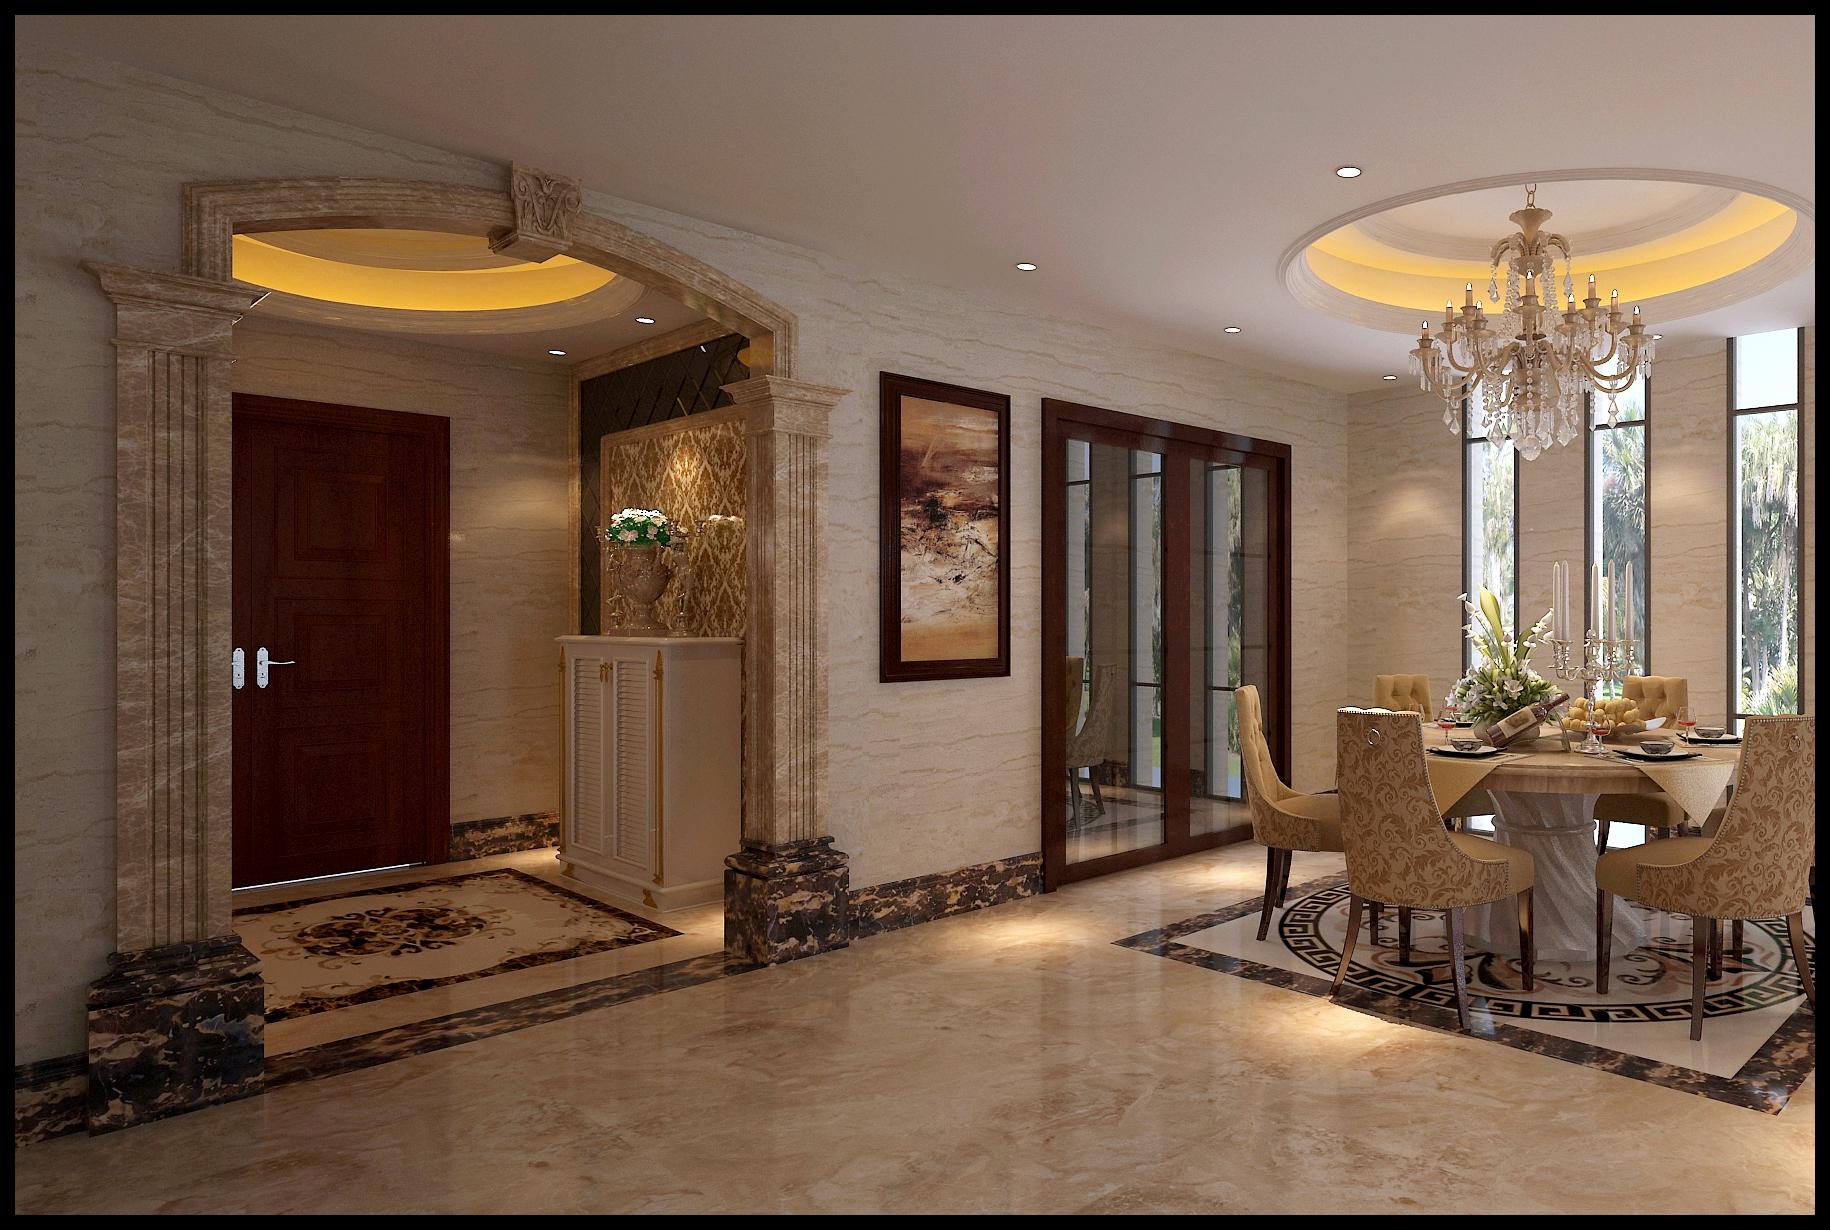 金山谷 新房装修 公寓装修 实创装饰 老房装修 装修报价 客厅图片来自广州-实创装饰在金山谷的分享